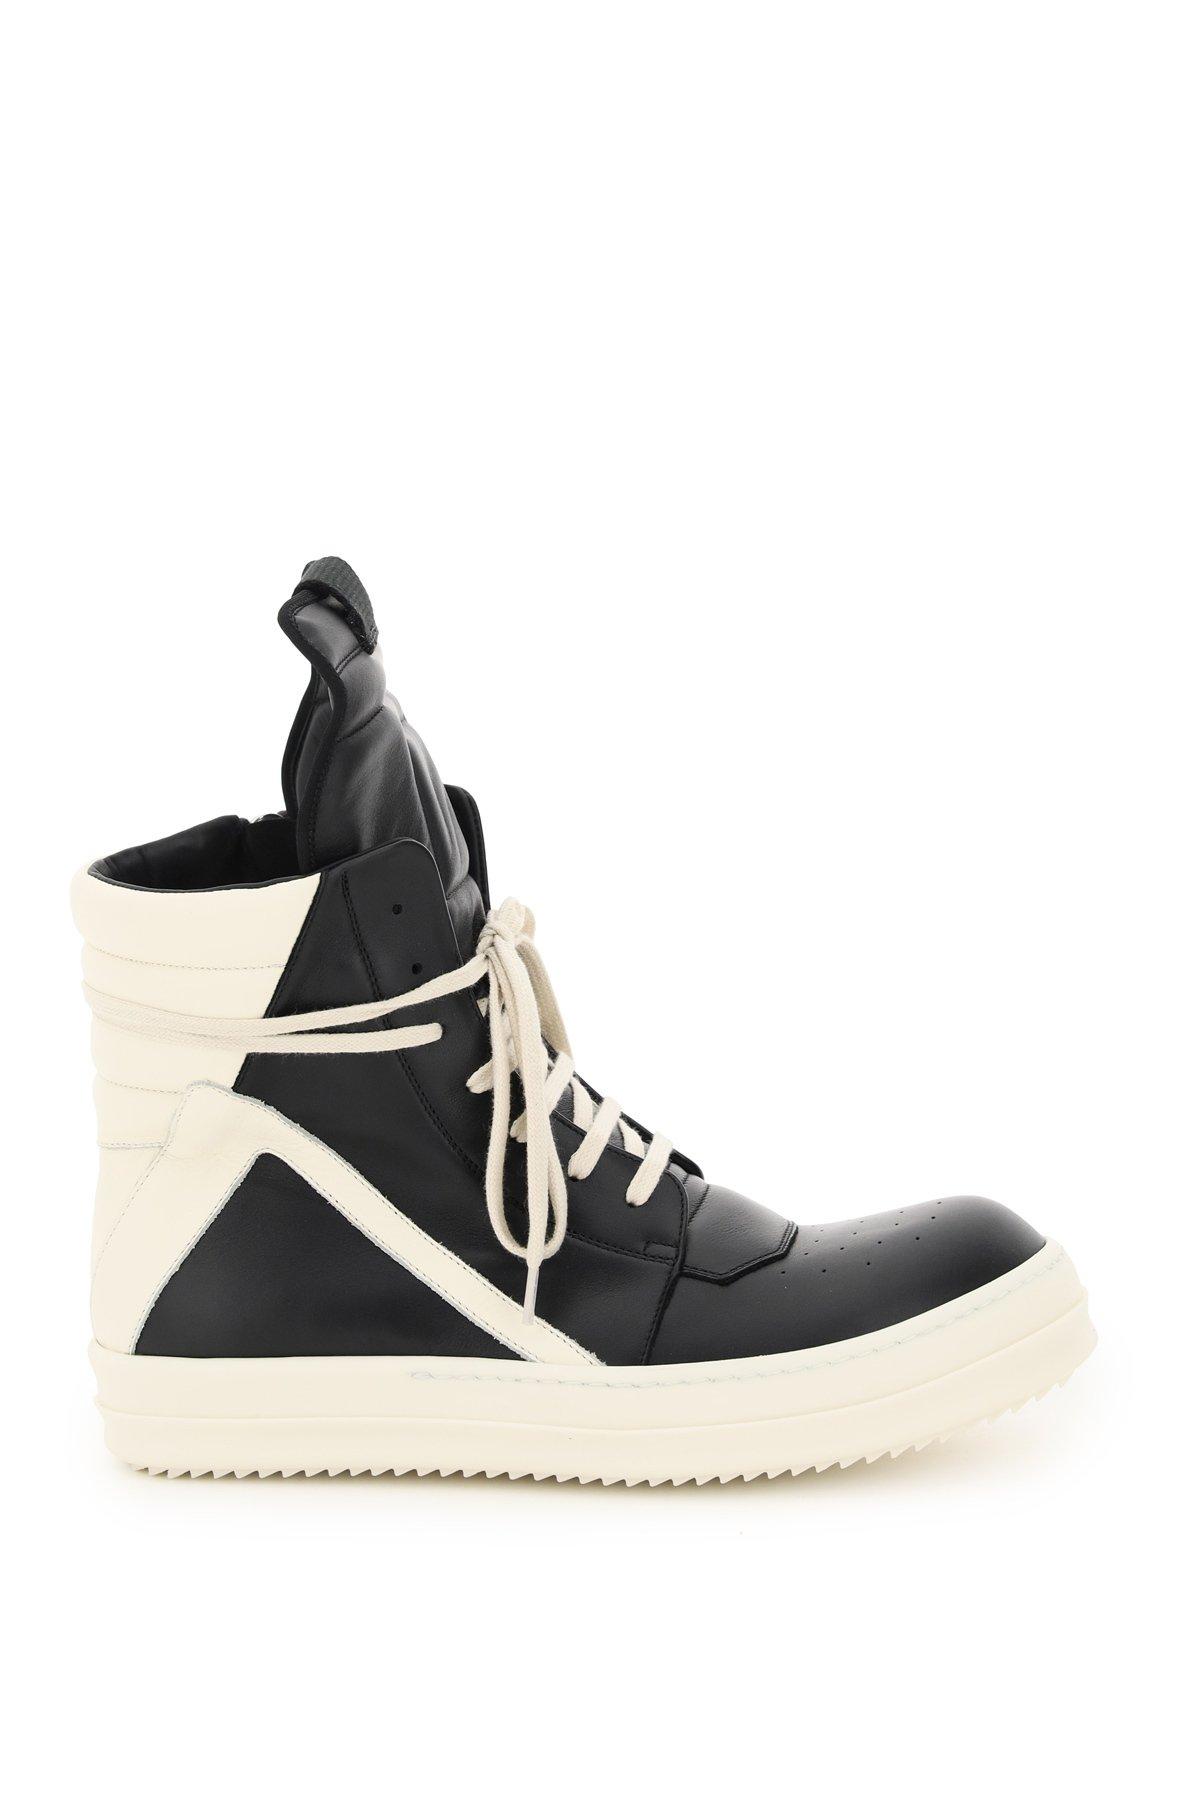 Rick owens sneakers geobasket